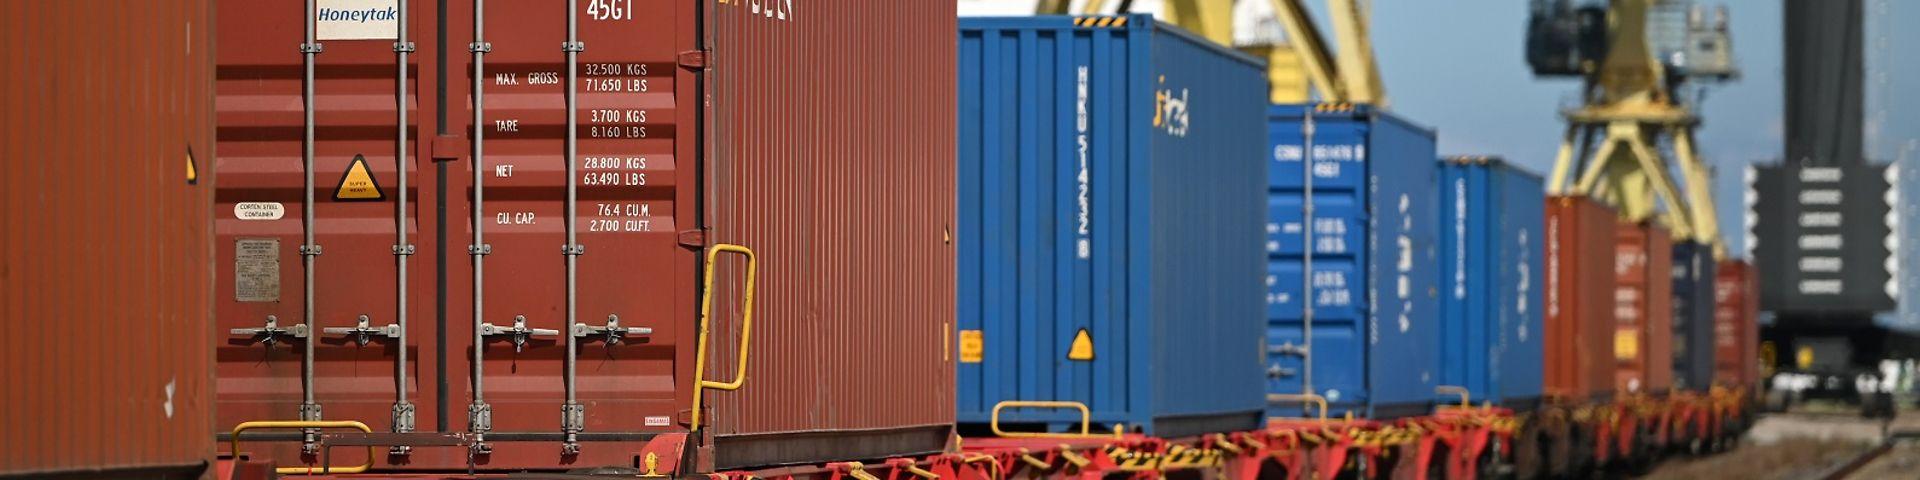 Hafen Entlastung Containerschiff auf Schiene